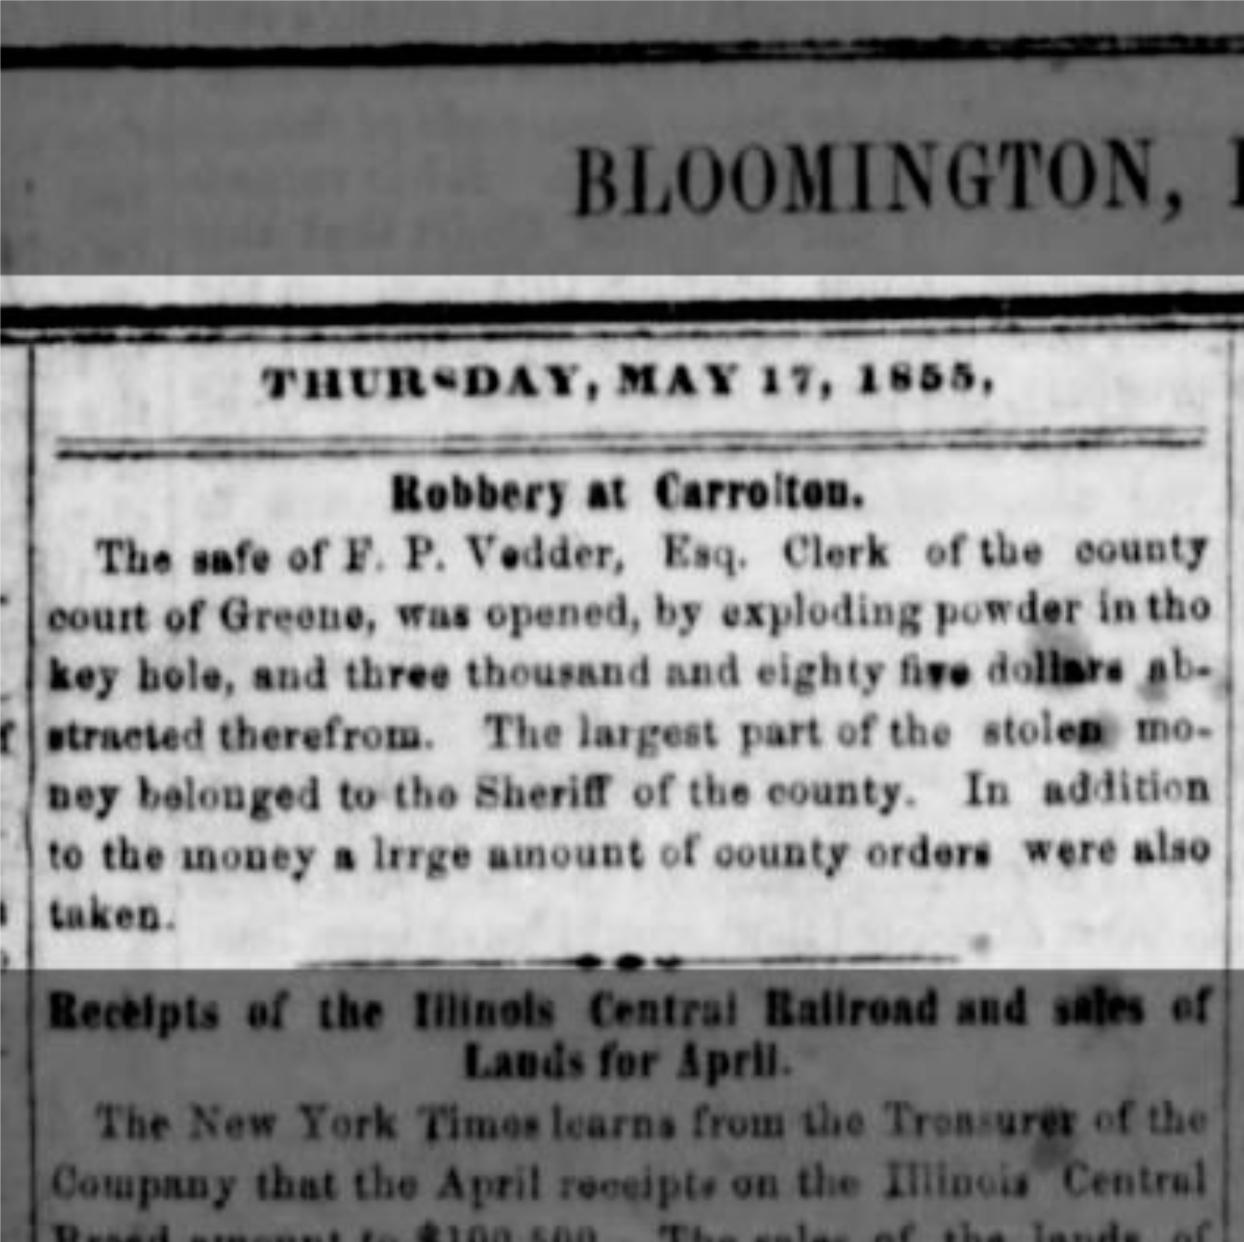 The Weekly Pantagraph Bloomington, Illinois May 23, 1855